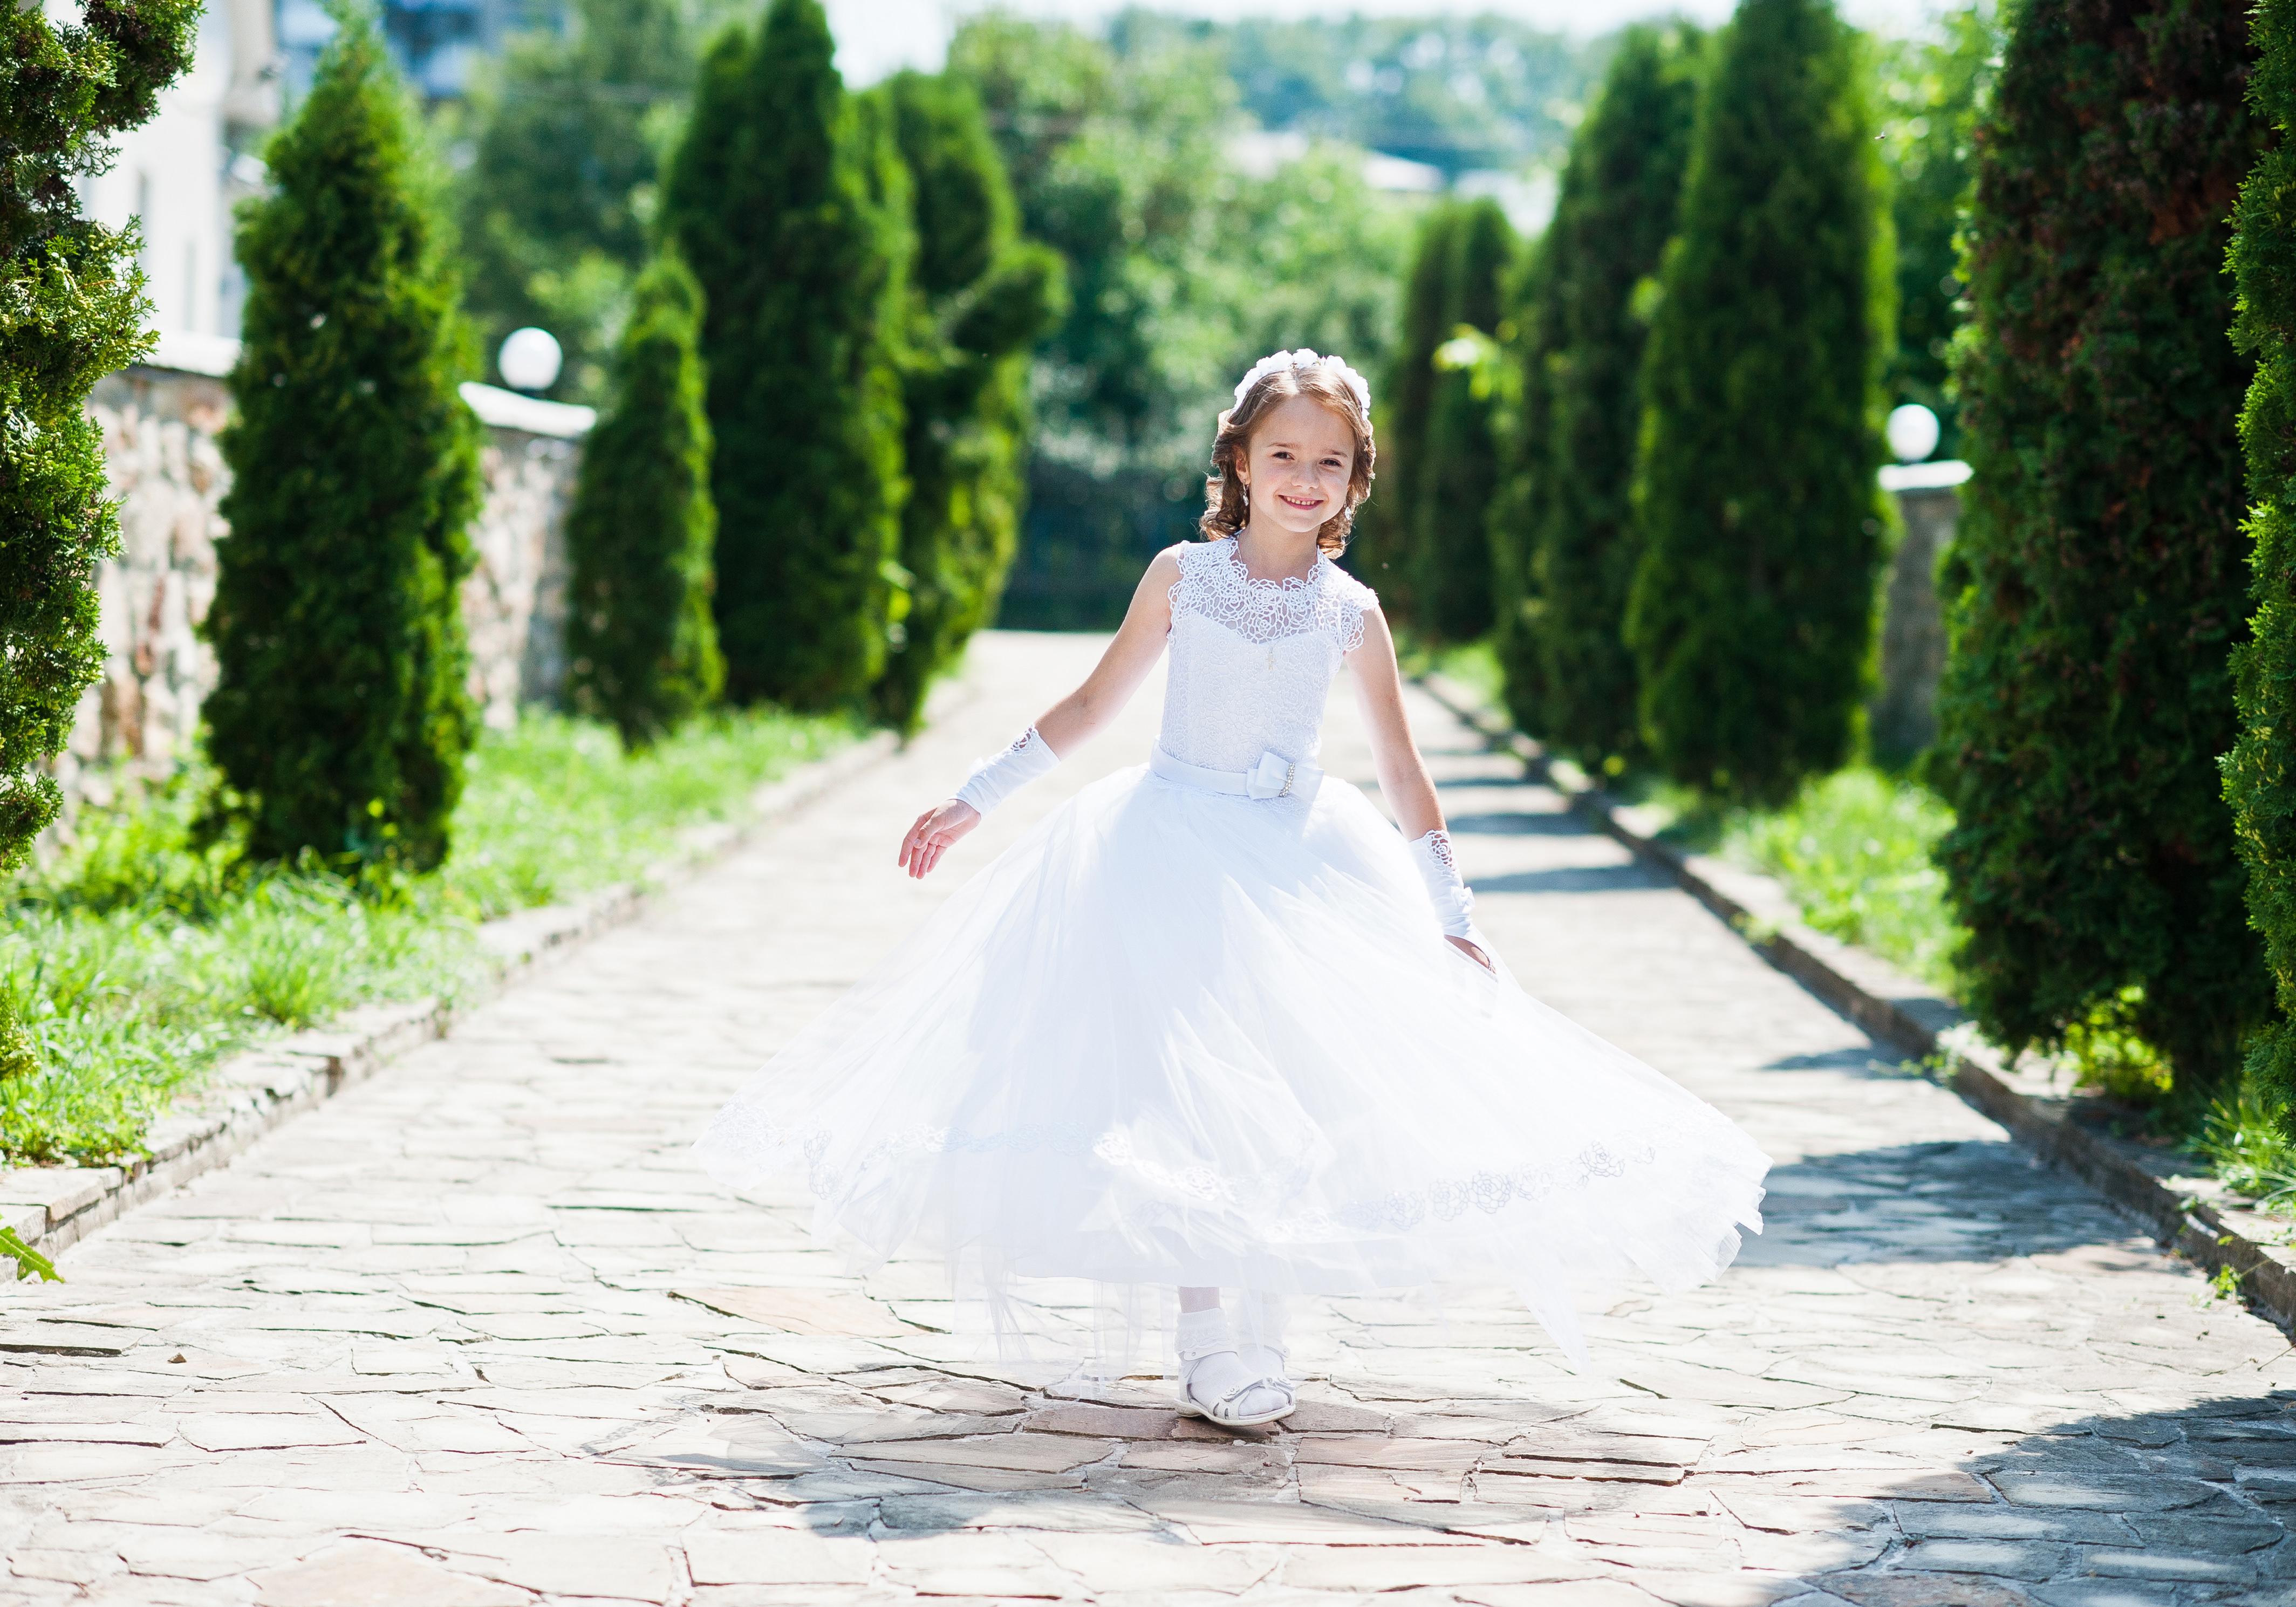 海外で定番☆結婚式をを盛り上げる!お洒落フォトブース